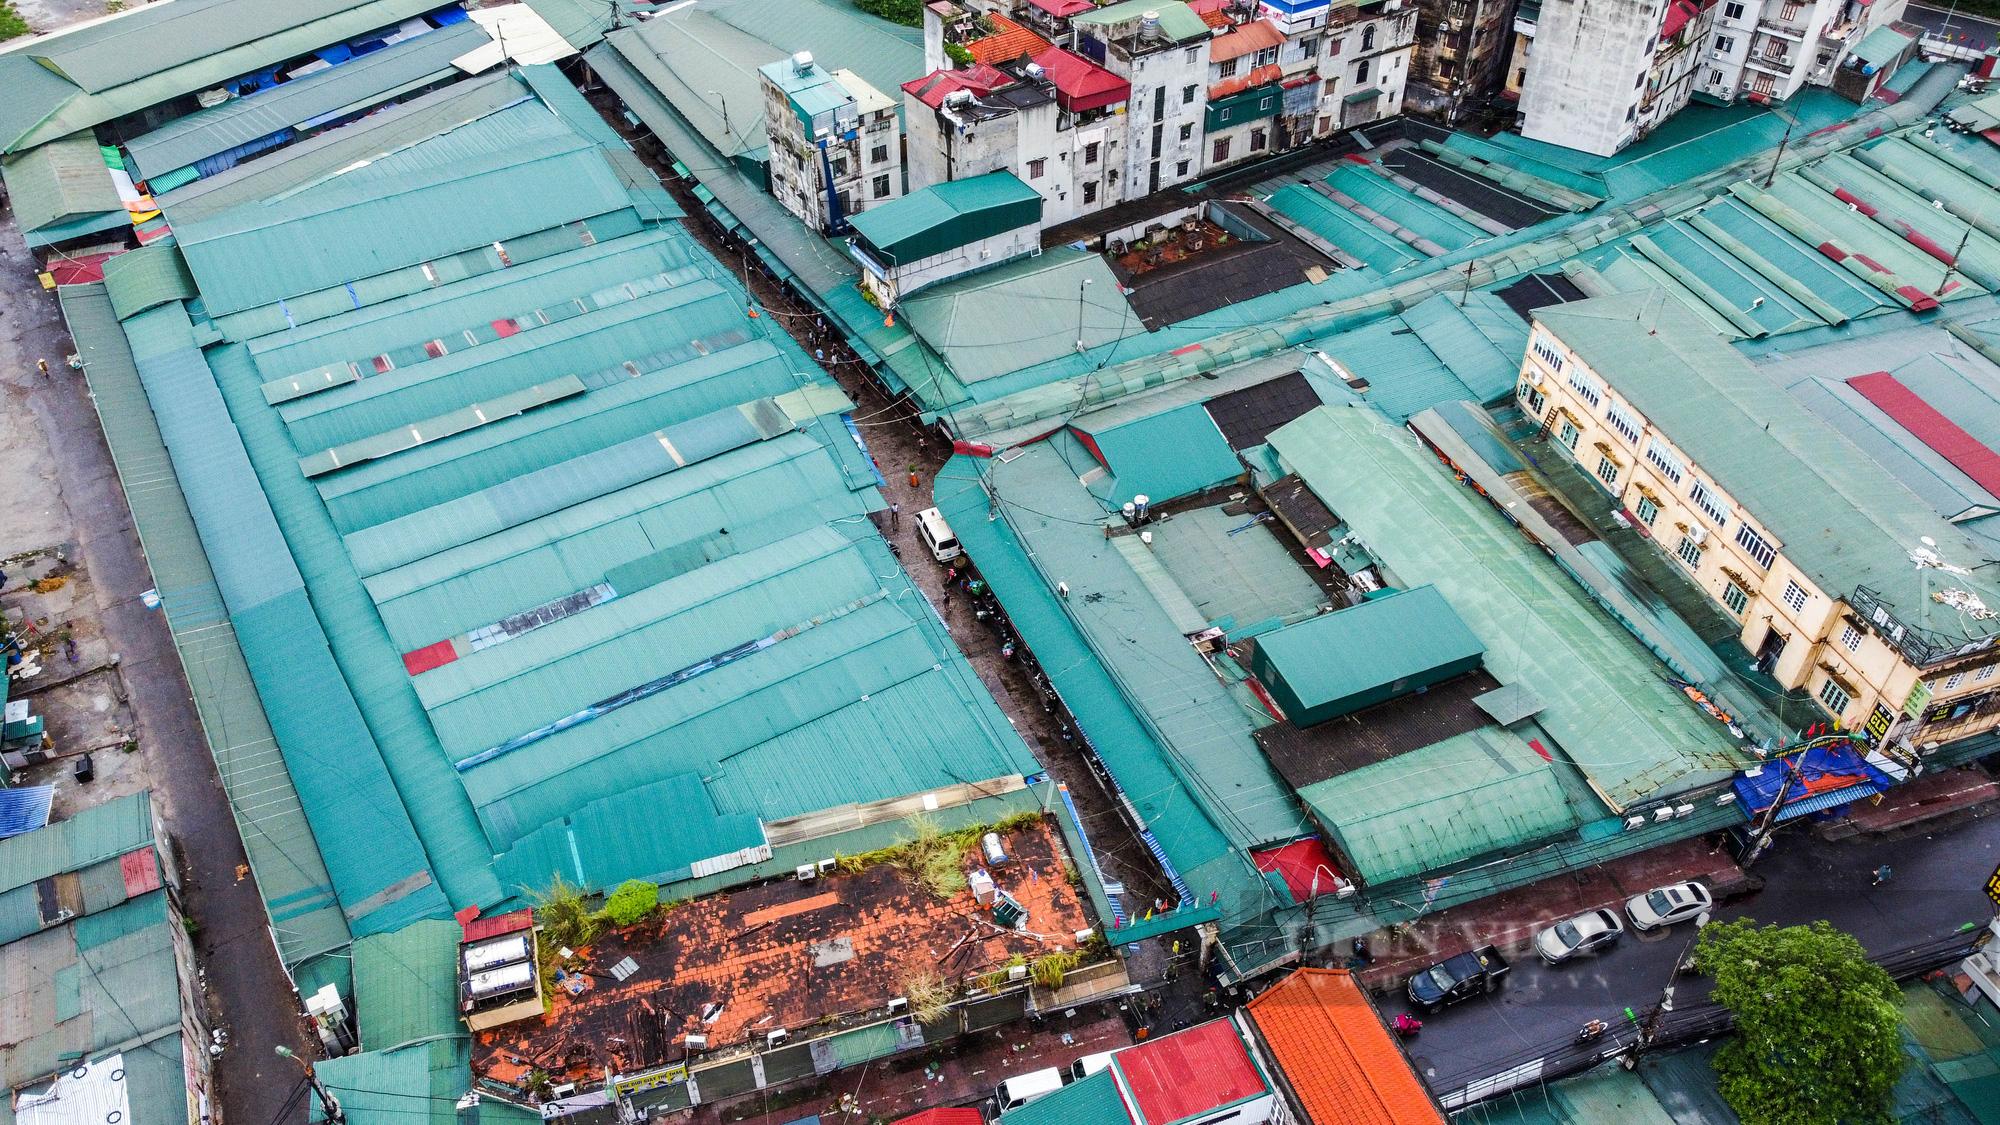 Lấy mẫu xét nghiệm hàng trăm tiểu thương tiểu thương tại chợ Phùng Khoang - Ảnh 1.